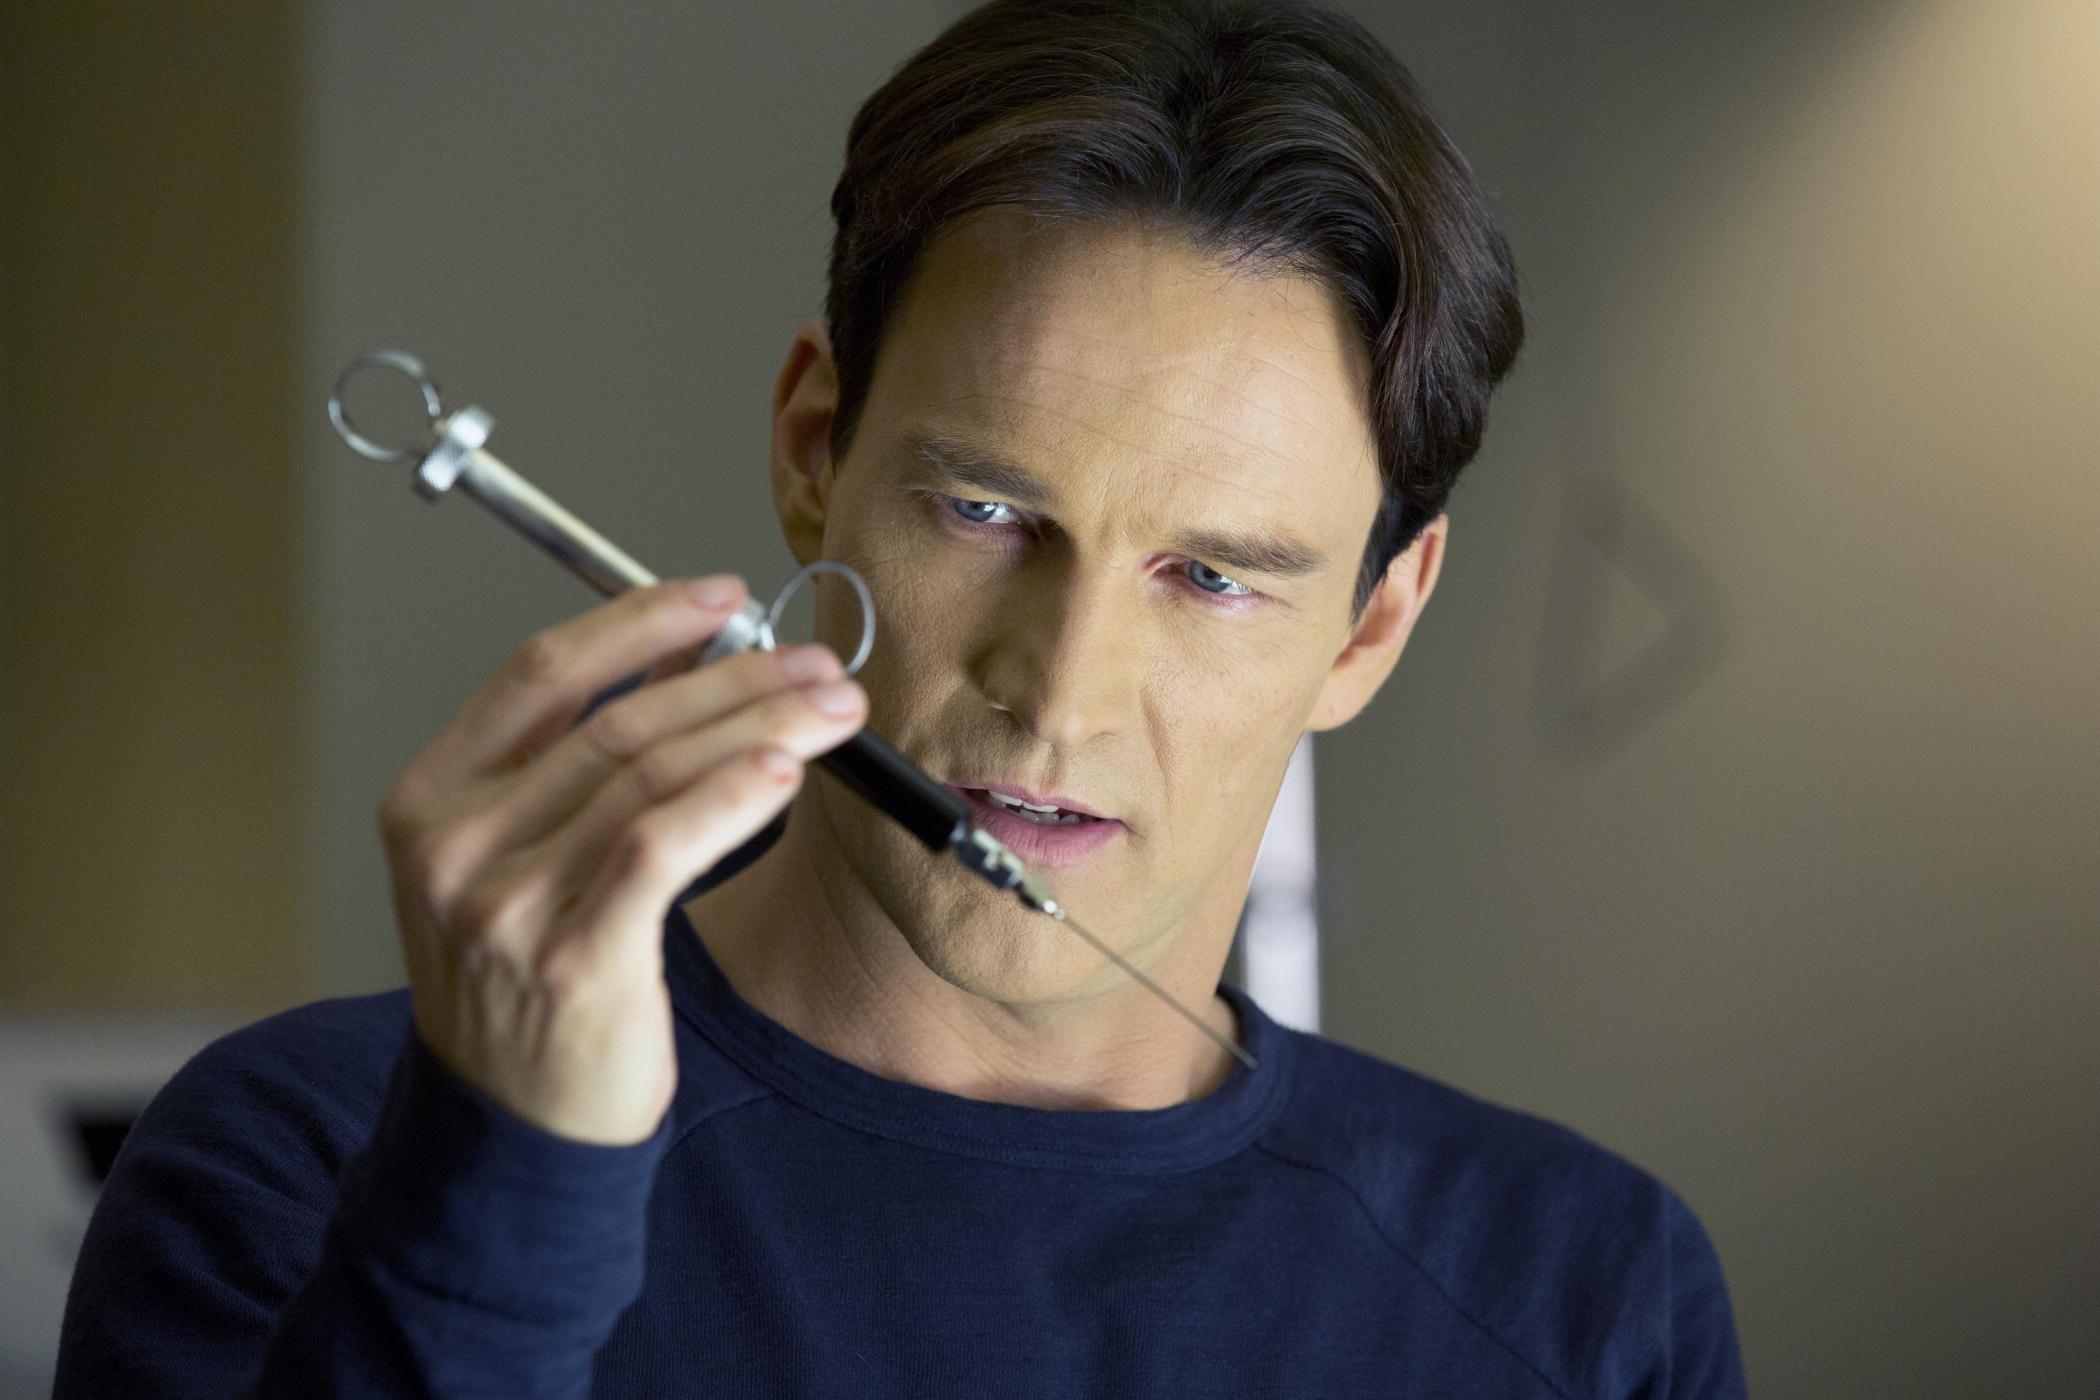 Stephen Moyer as Bill in True Blood Season 6 Episode 5